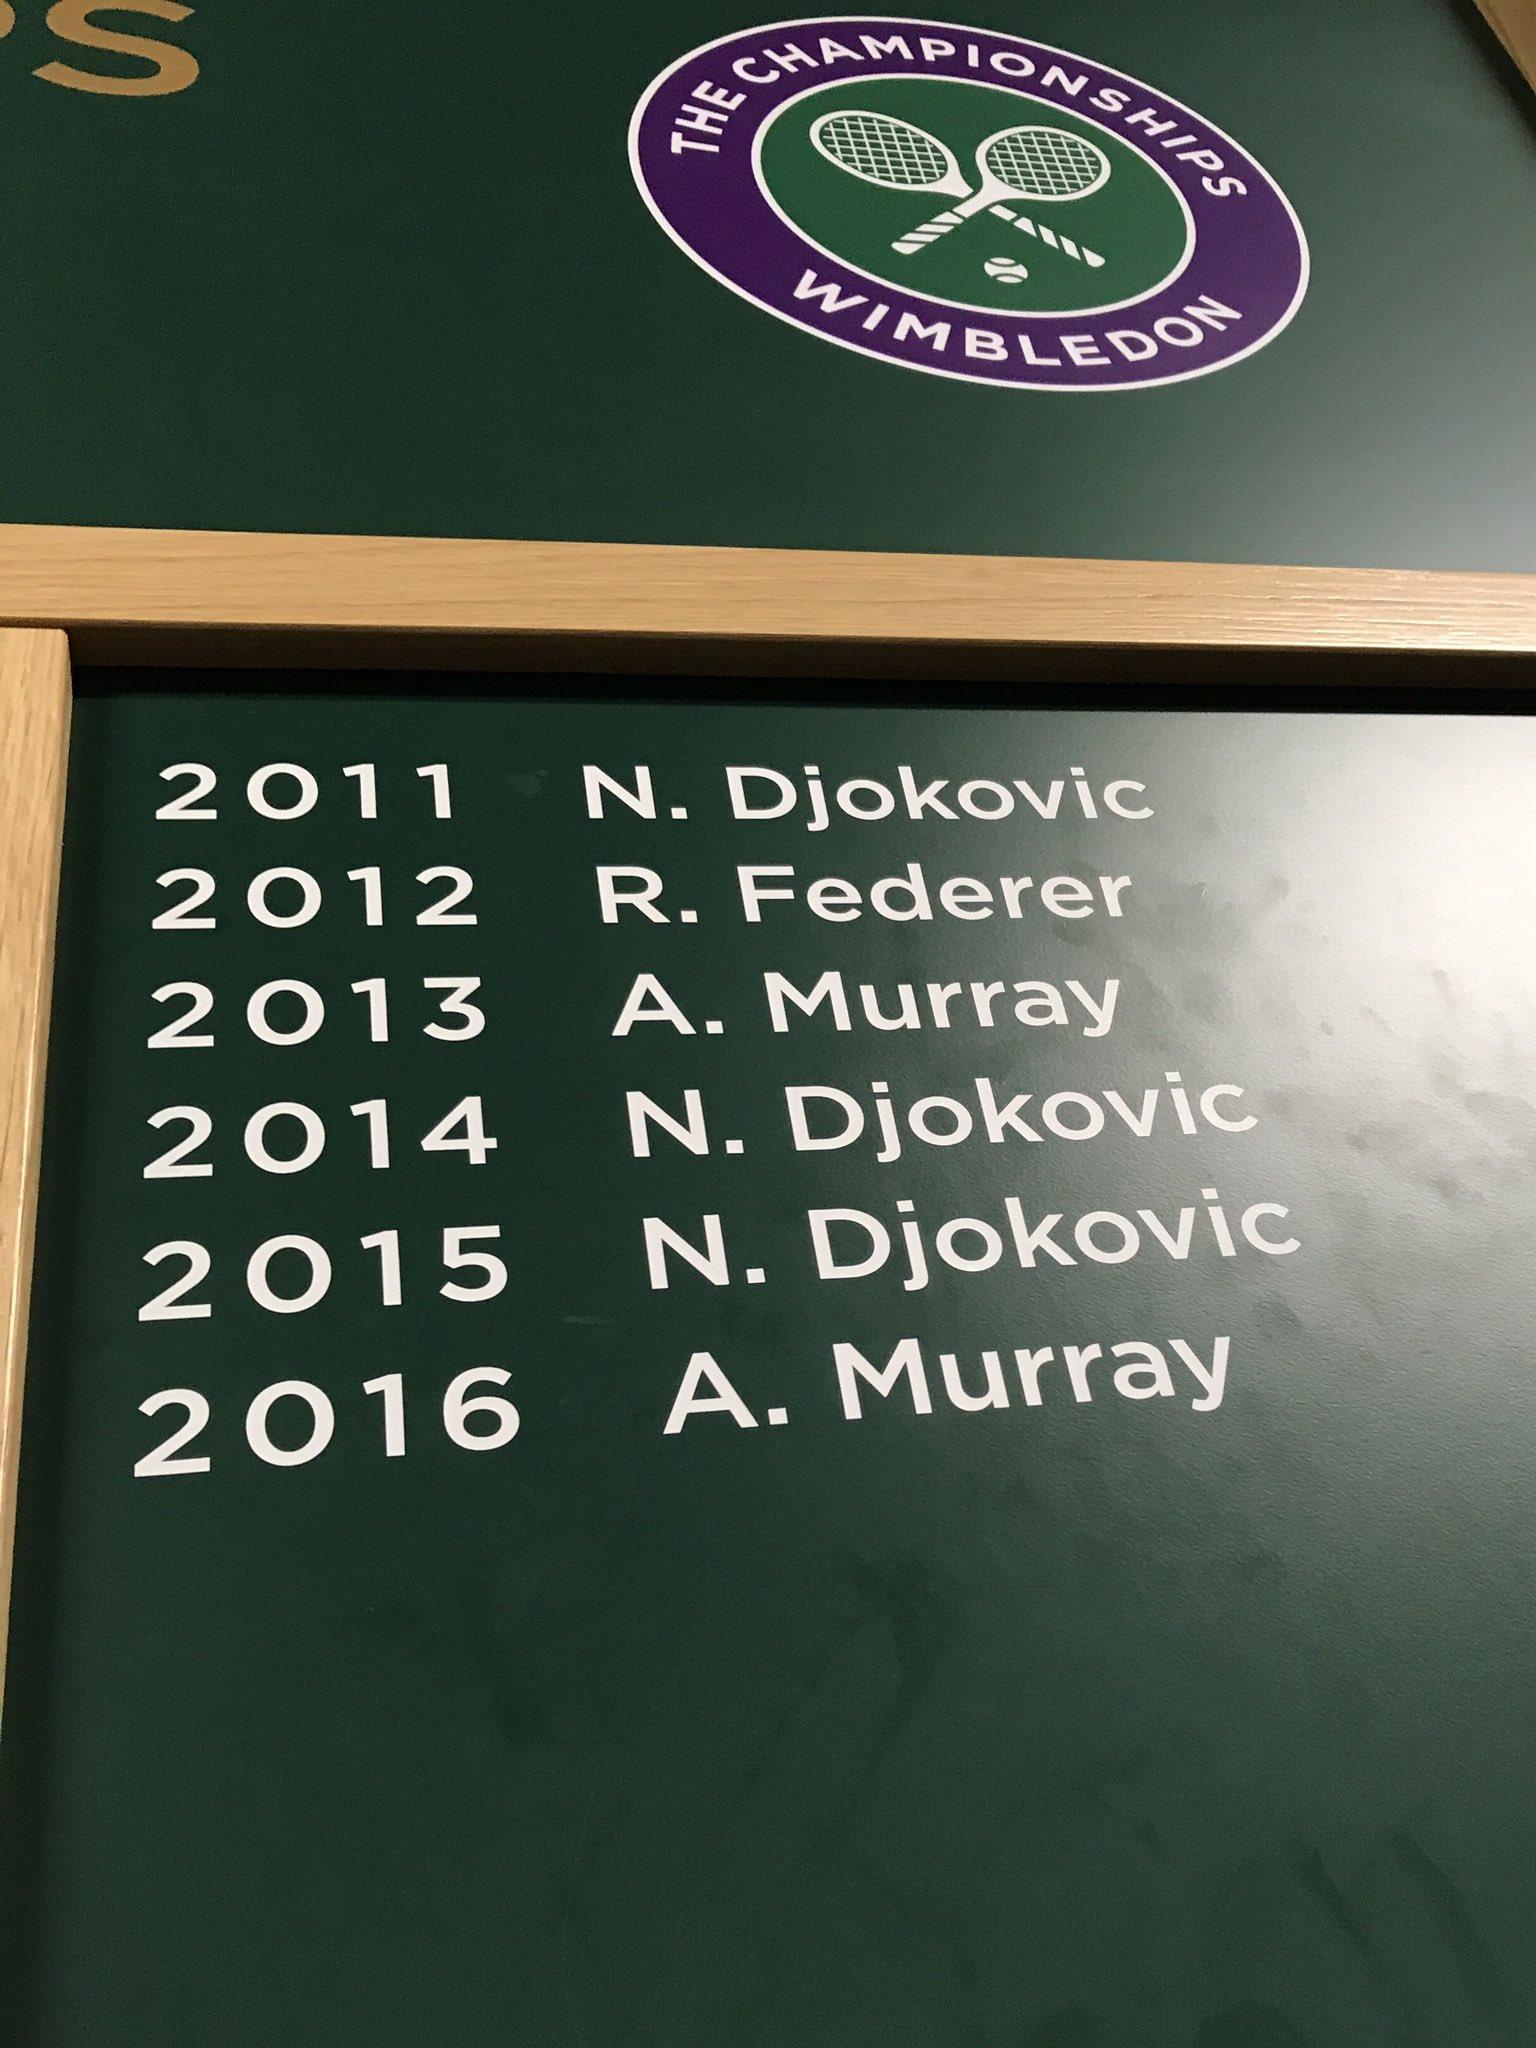 2017????  #WimbledonFinal https://t.co/RFbvkfIisK